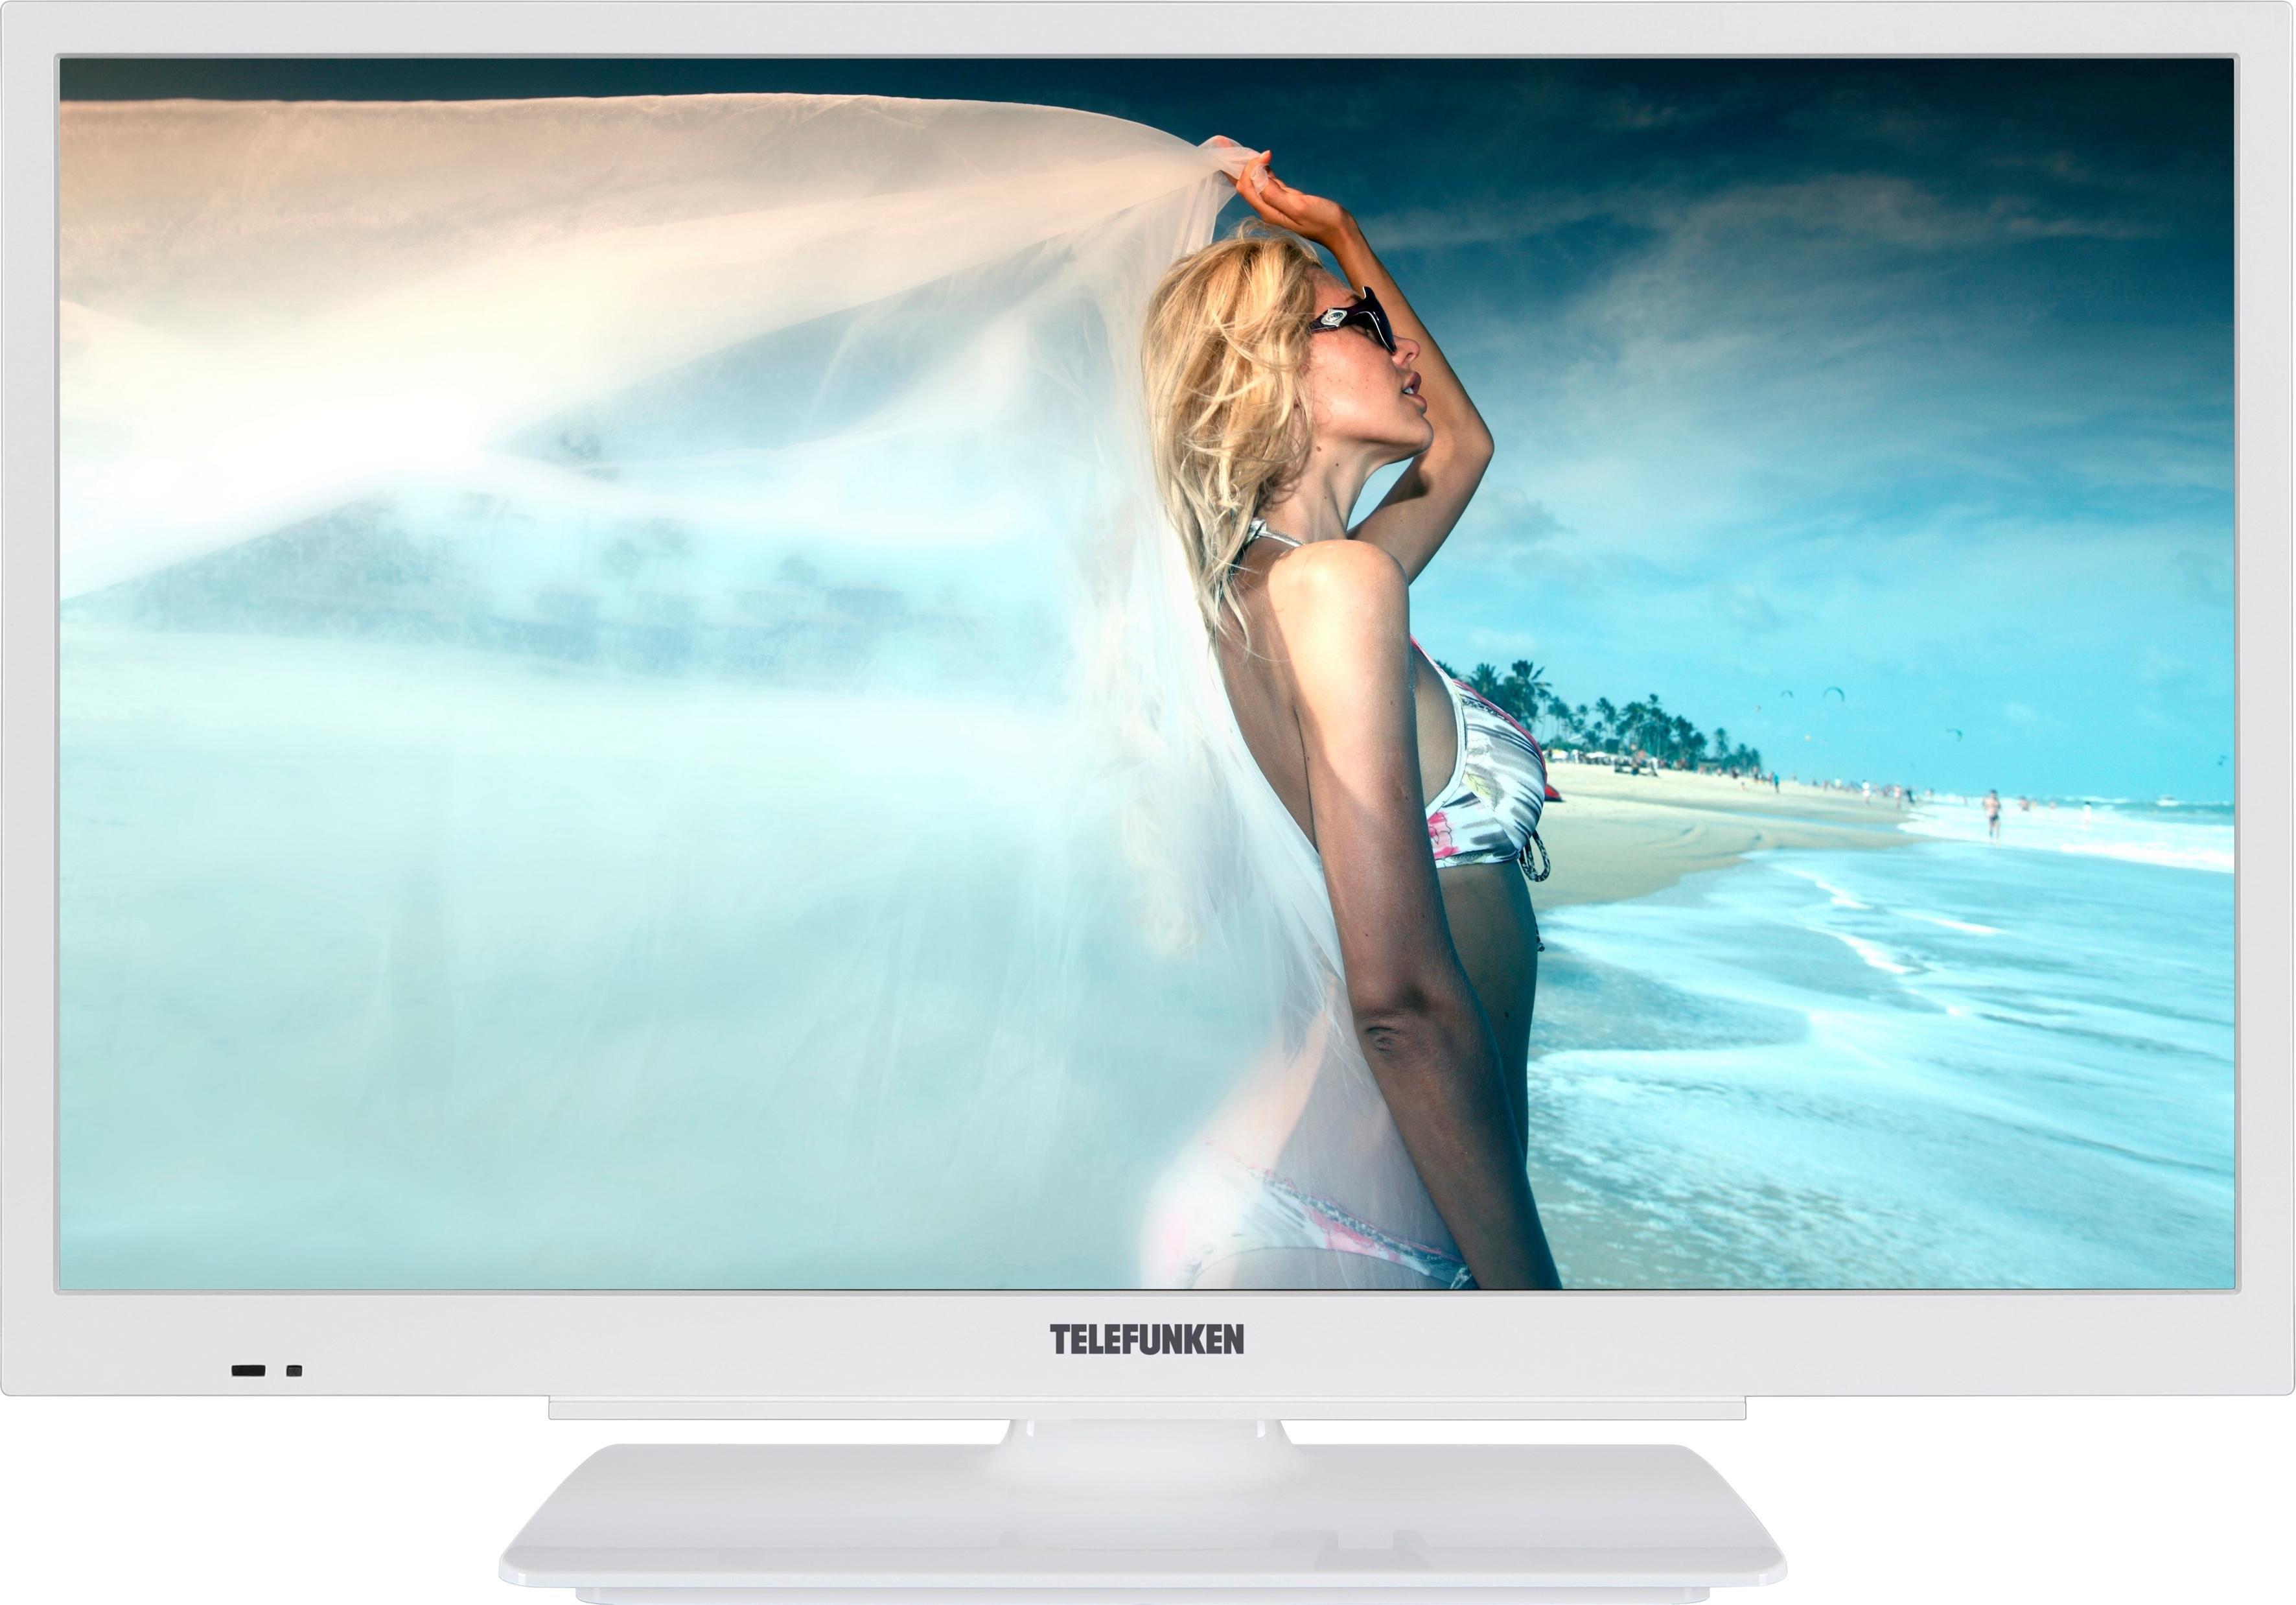 Telefunken L24H502M4-W led-tv (60 cm / 24 inch), HD-ready - gratis ruilen op otto.nl